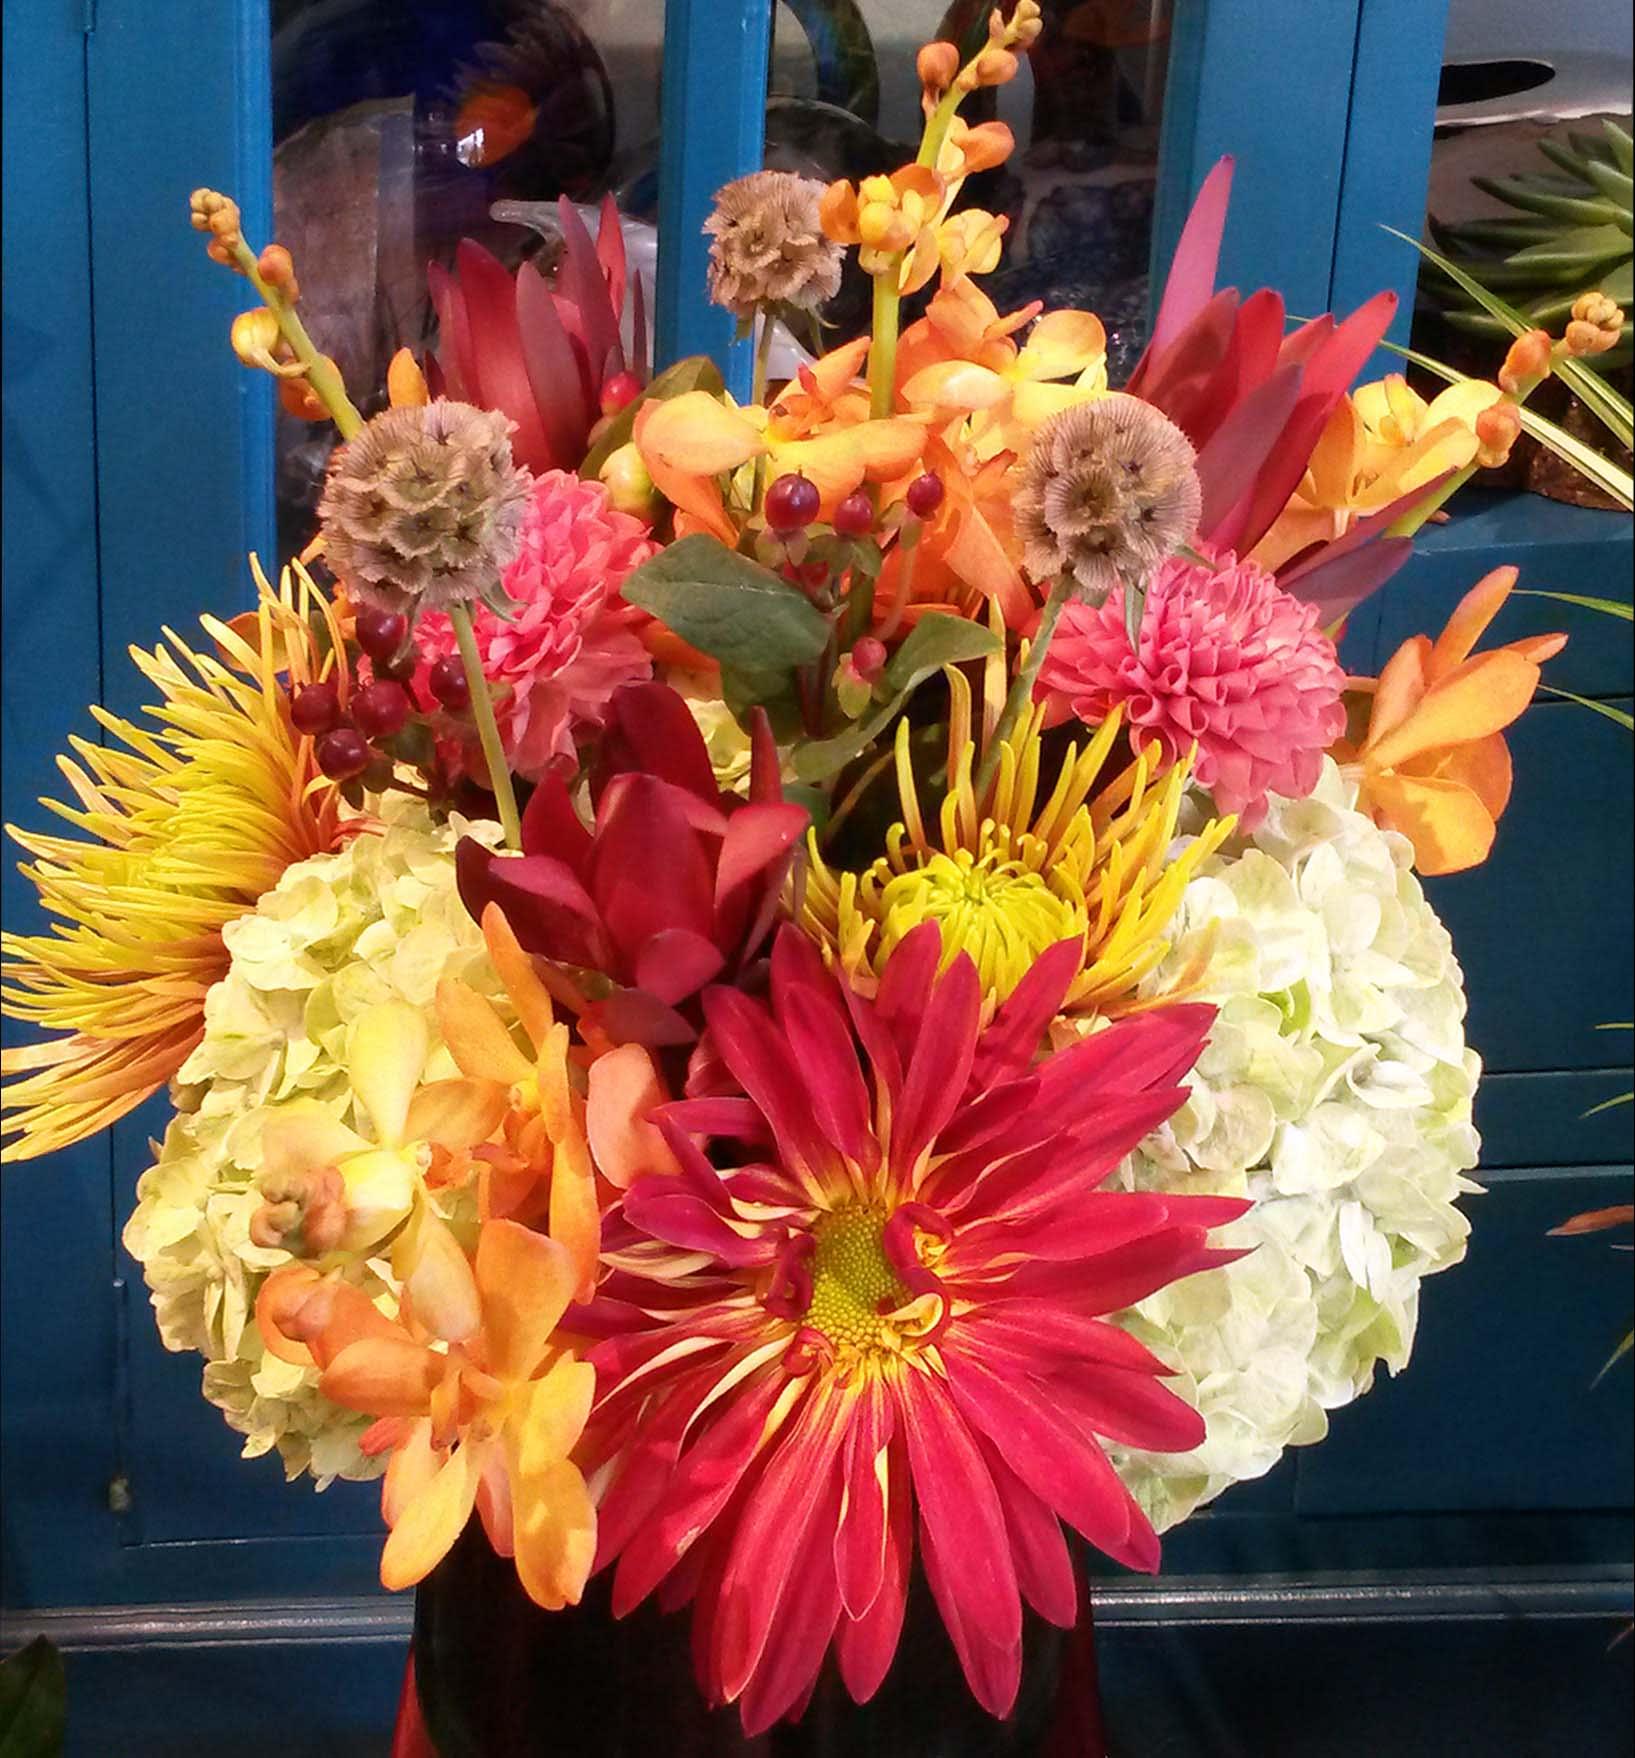 Autumn Glow In Chicago Il Gratitude Heart Garden Florist